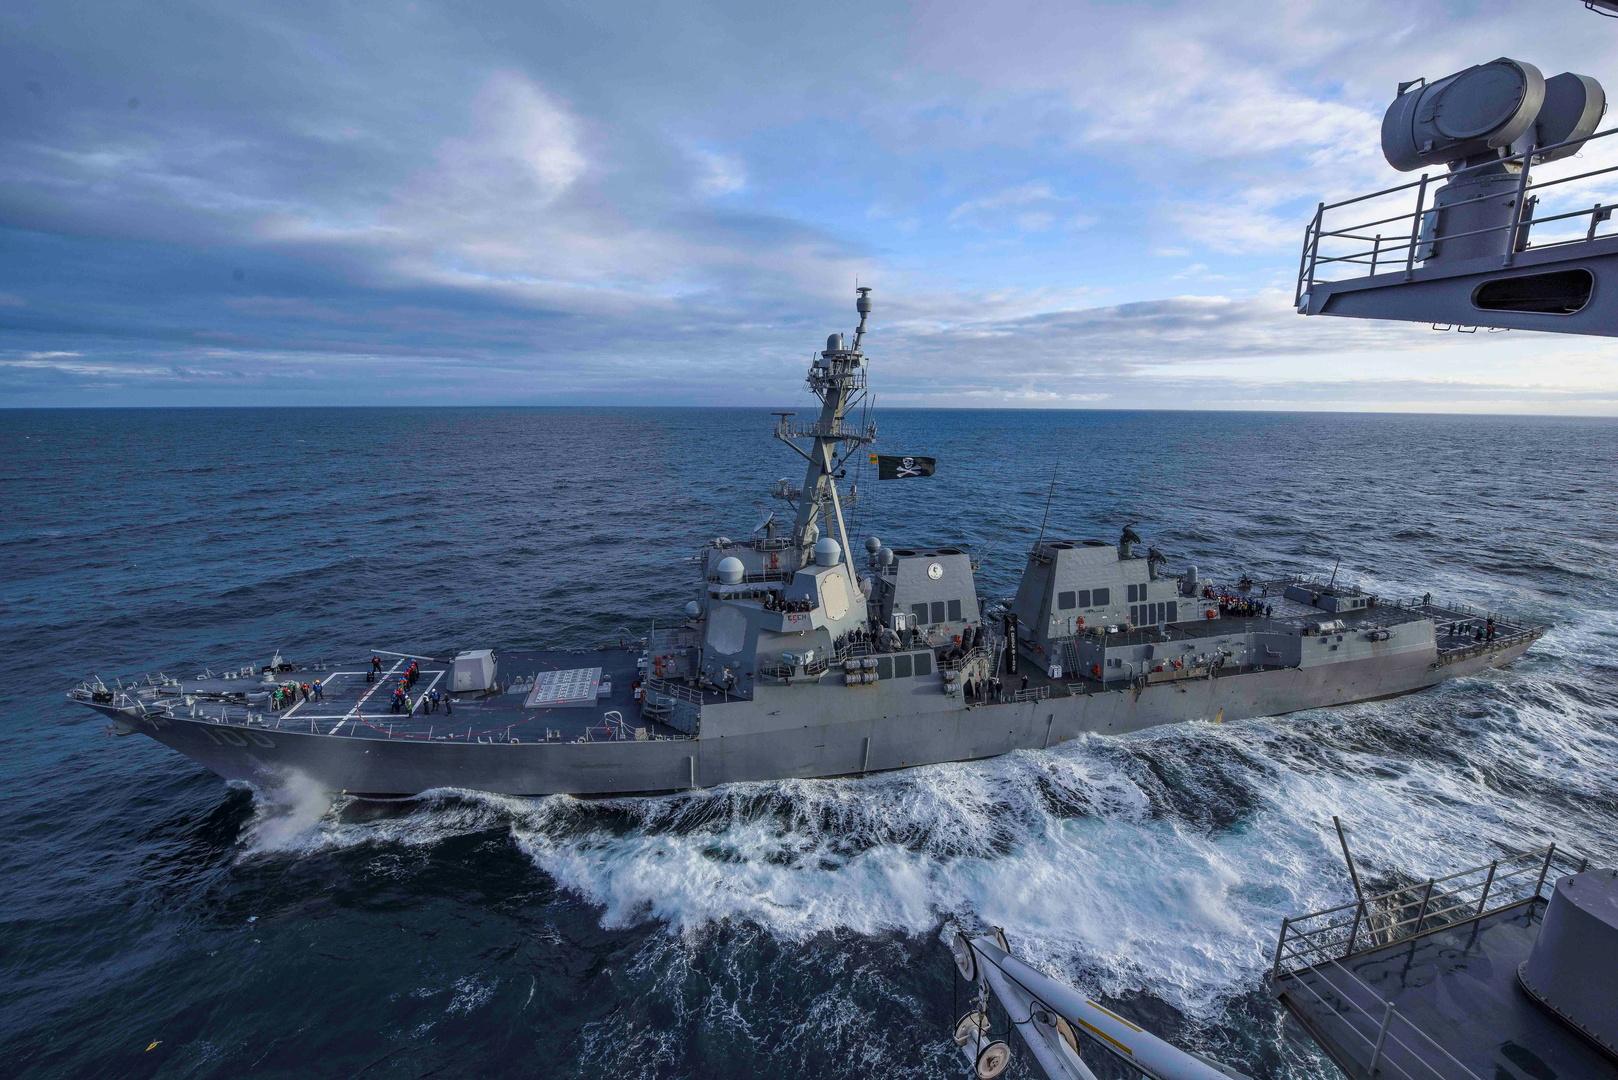 تحركات أمريكية جديدة في مضيق تايوان بعد تدريبات هجومية صينية